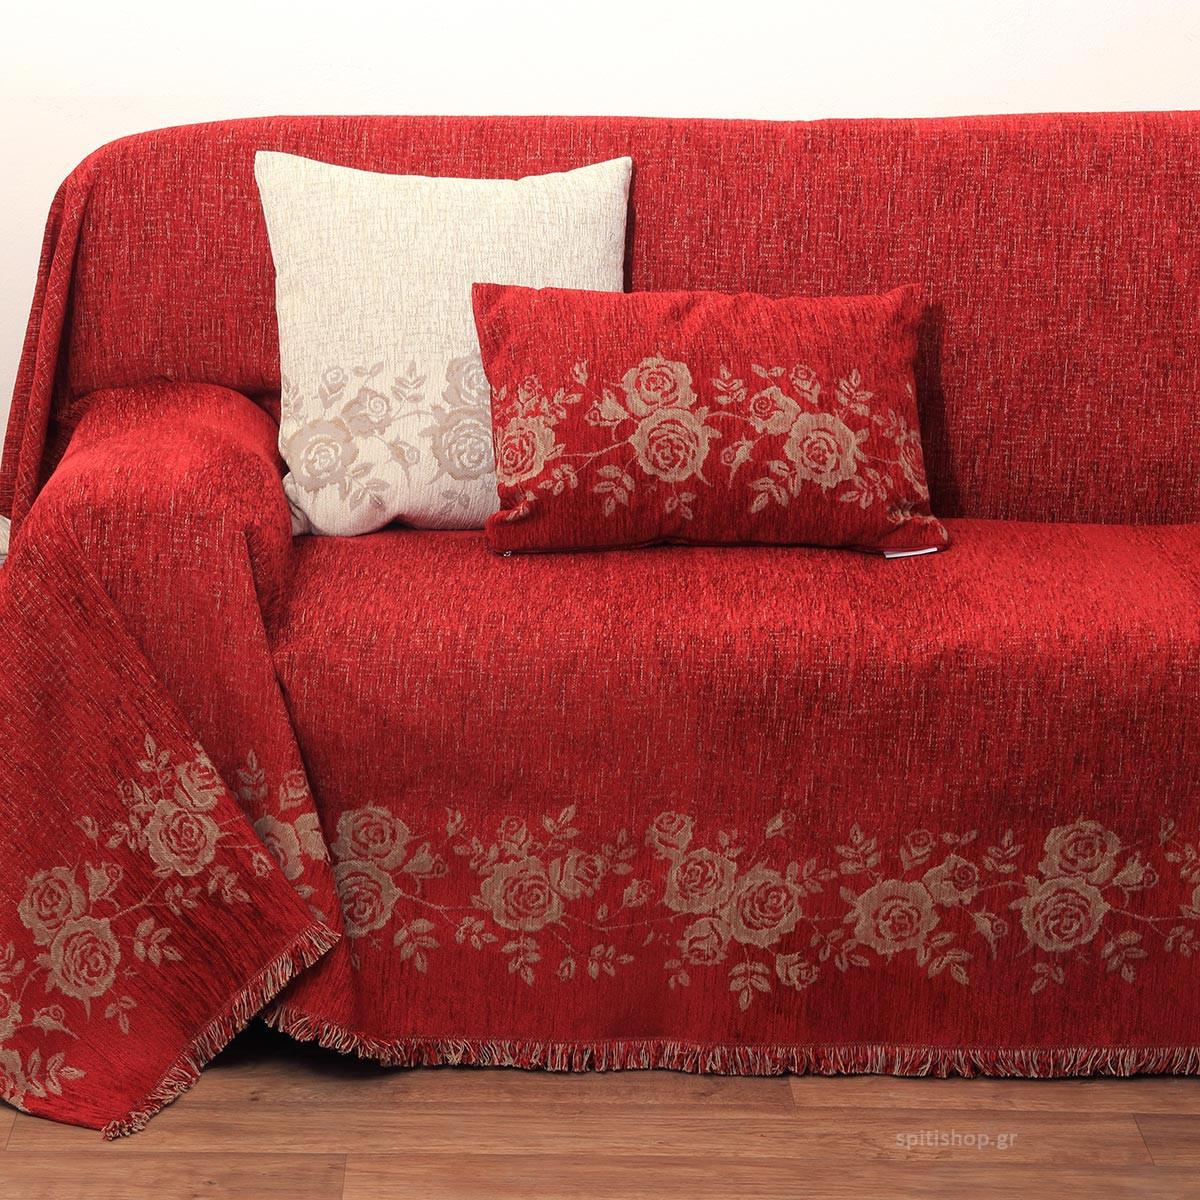 Διακοσμητικό Μαξιλάρι (55×55) Anna Riska 1434 Red